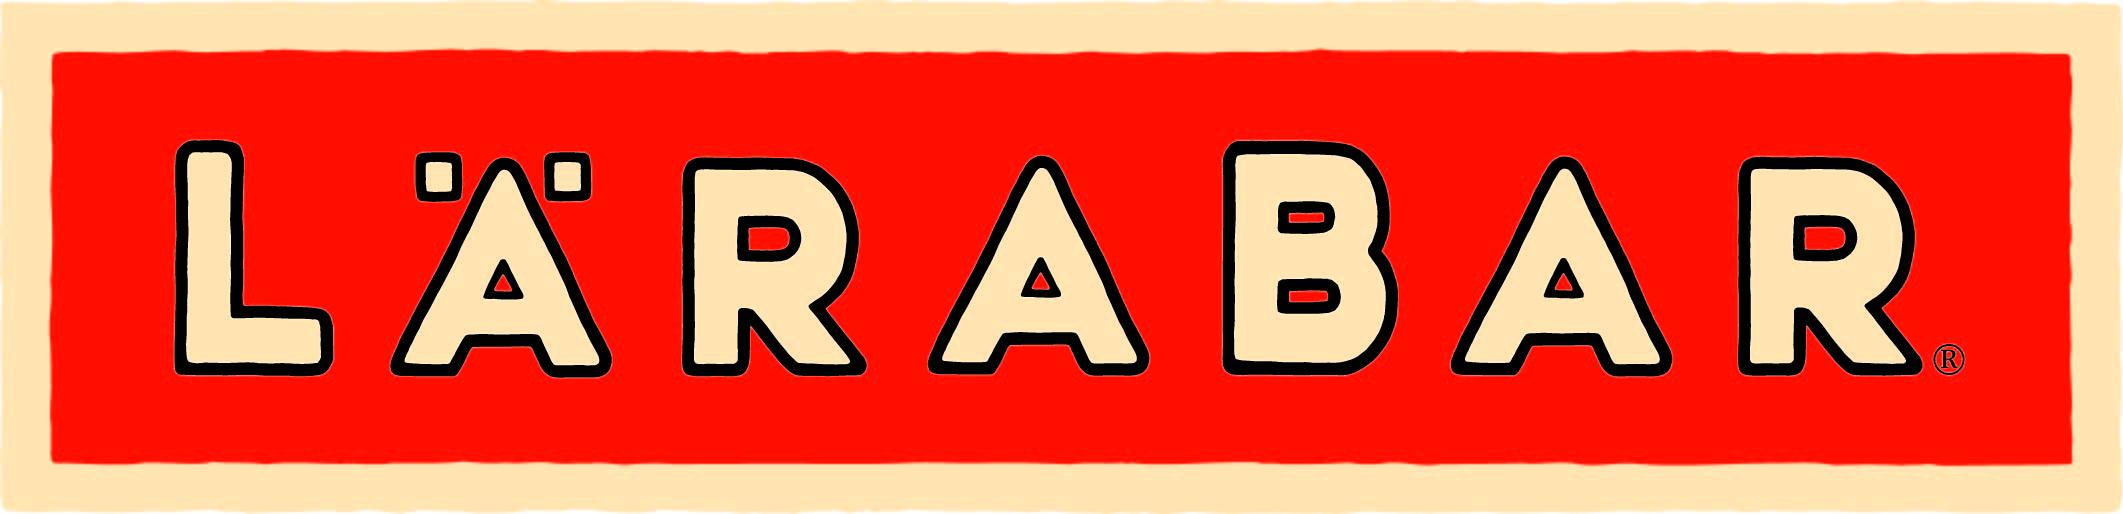 Larabar logo.jpeg